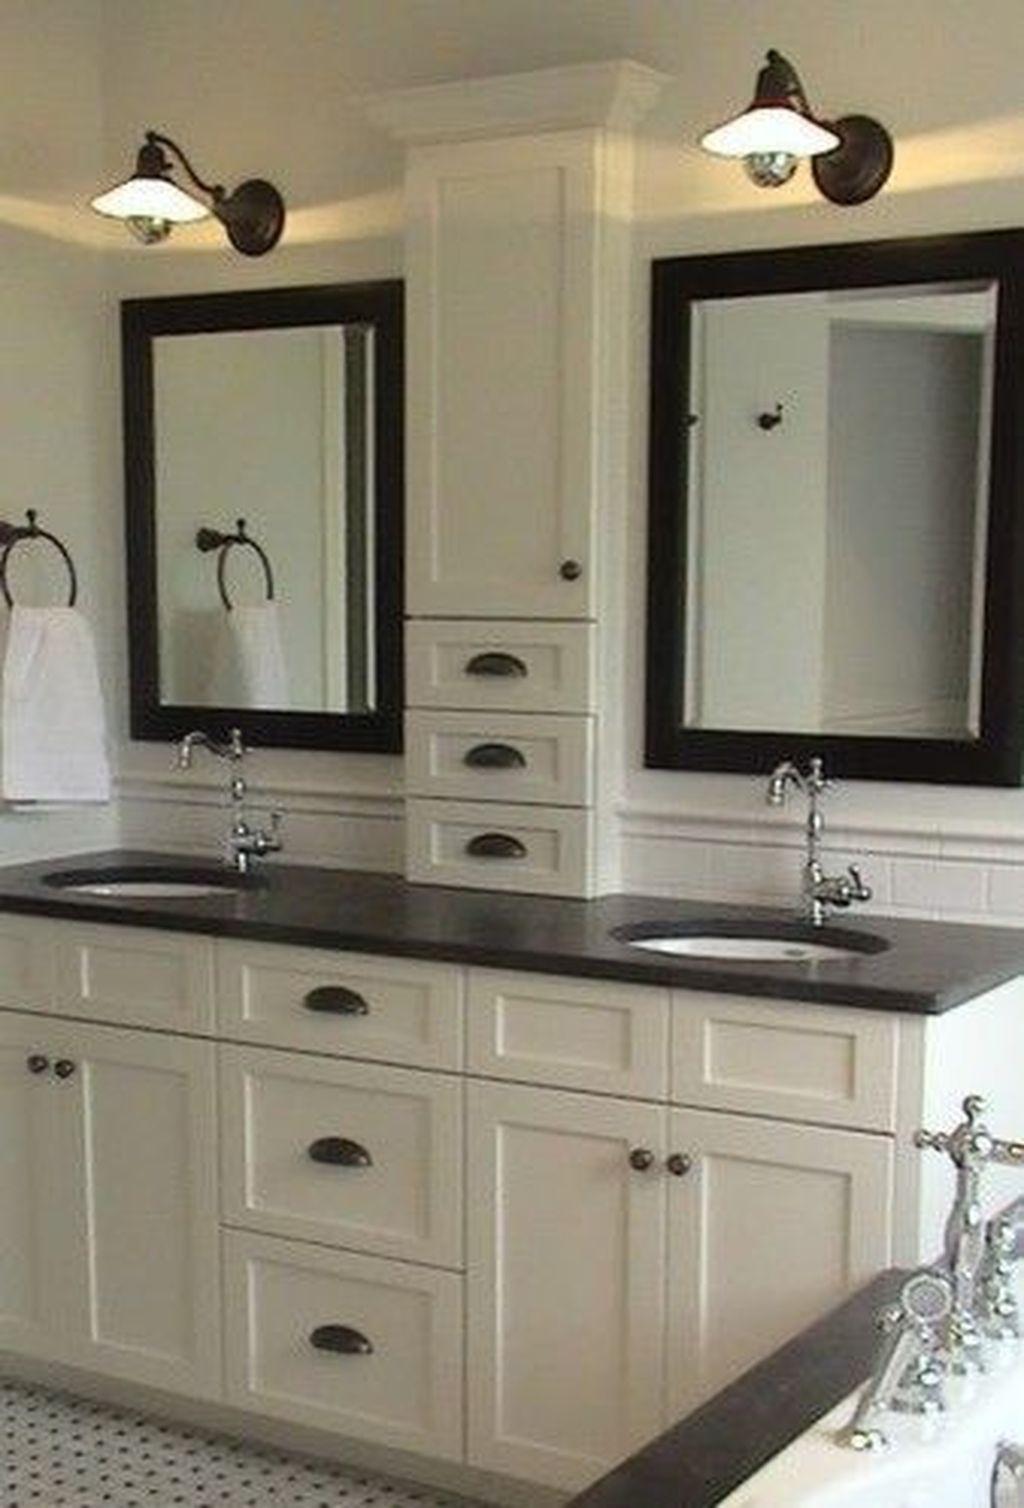 47 modern small bathroom remodel design ideas small on bathroom renovation ideas modern id=92659